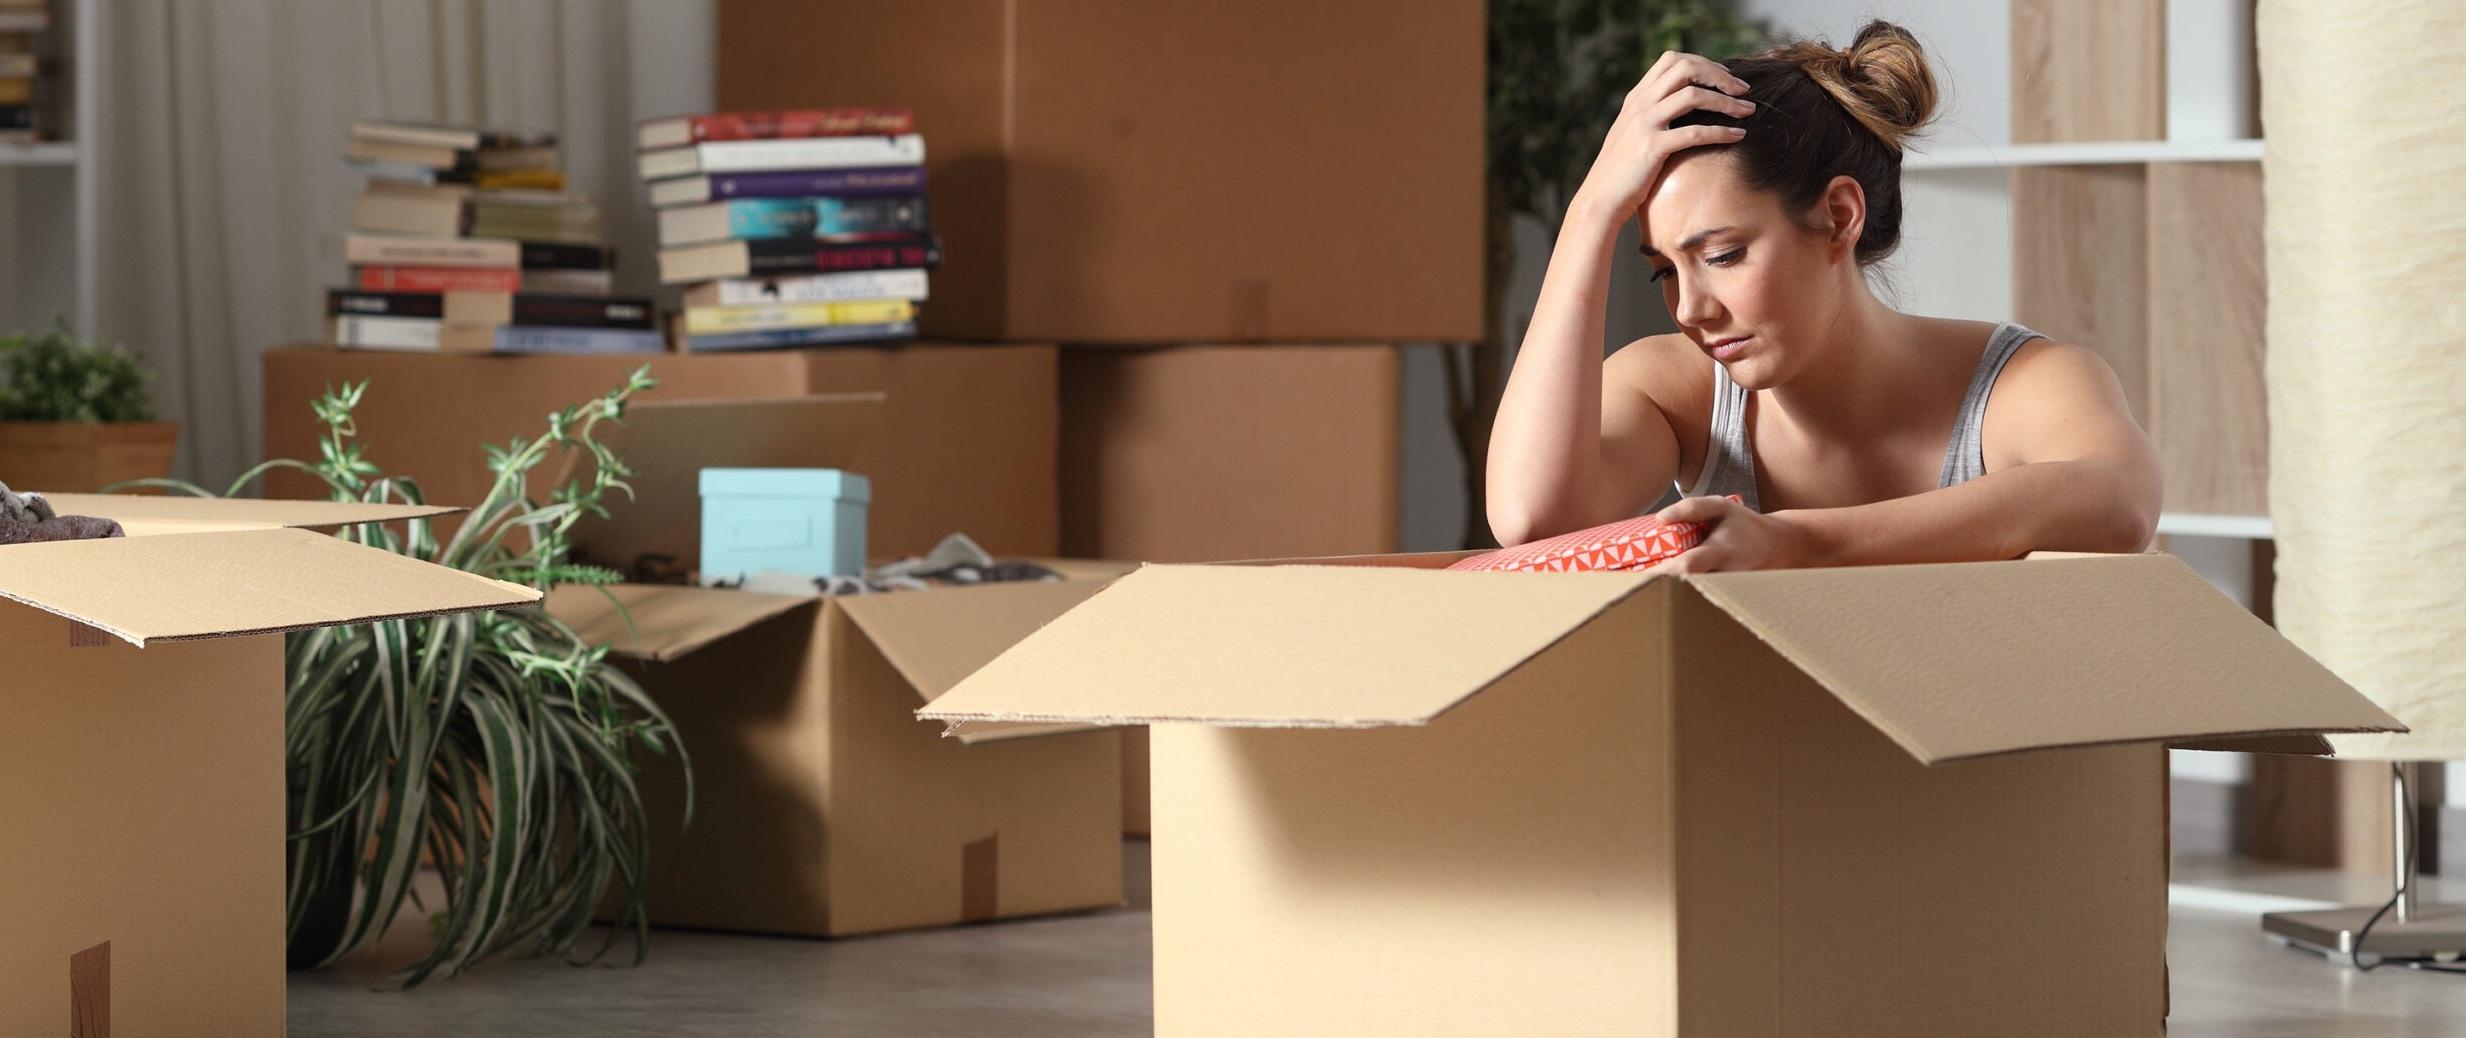 Выселение бывшего супруга из частной собственности: судебная практика.